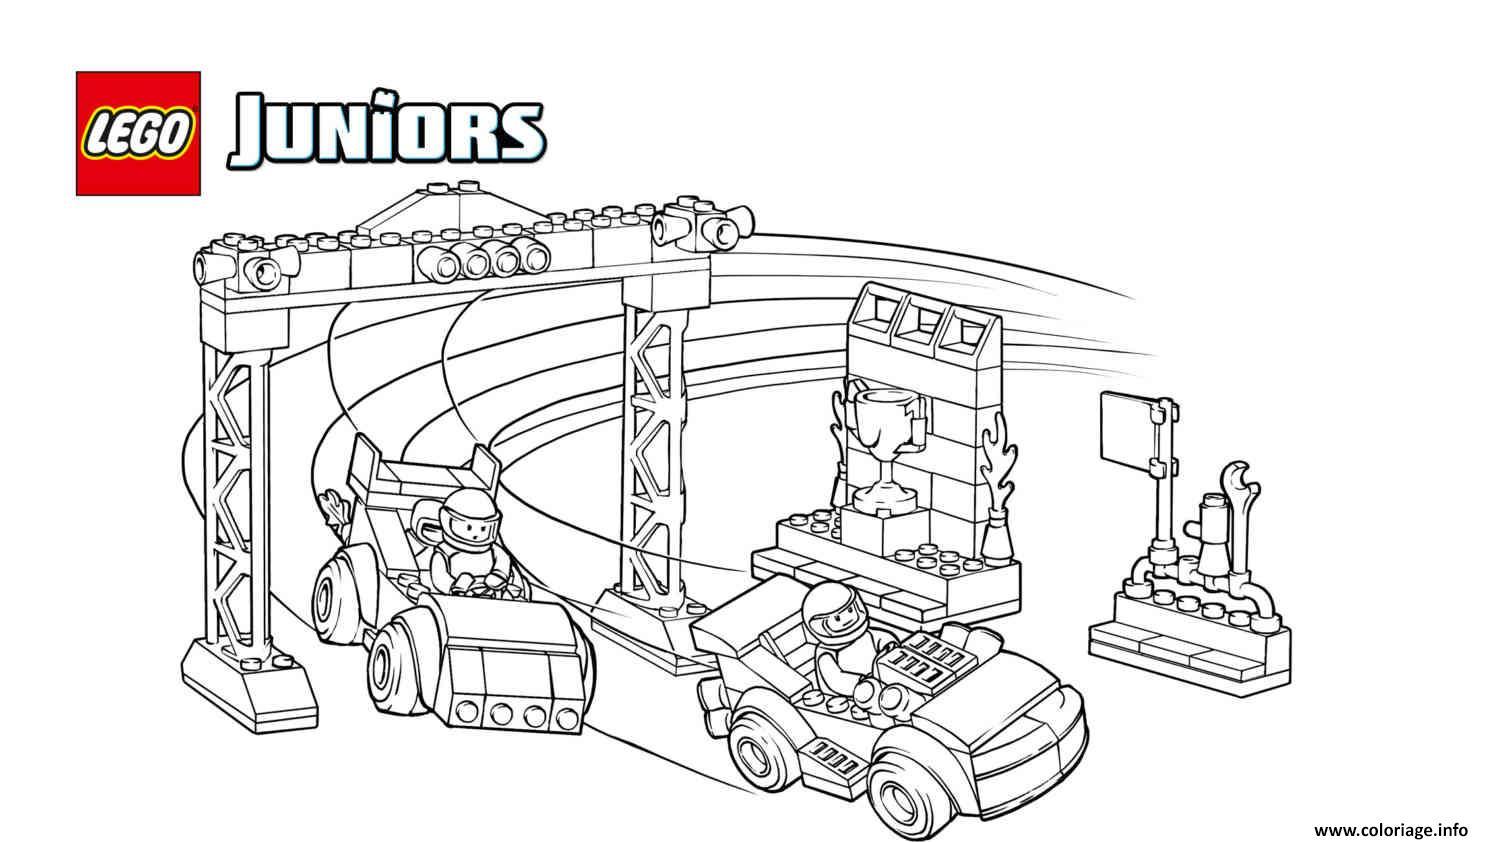 Coloriage voiture de course lego juniors dessin - Coloriage de voiture de courses ...